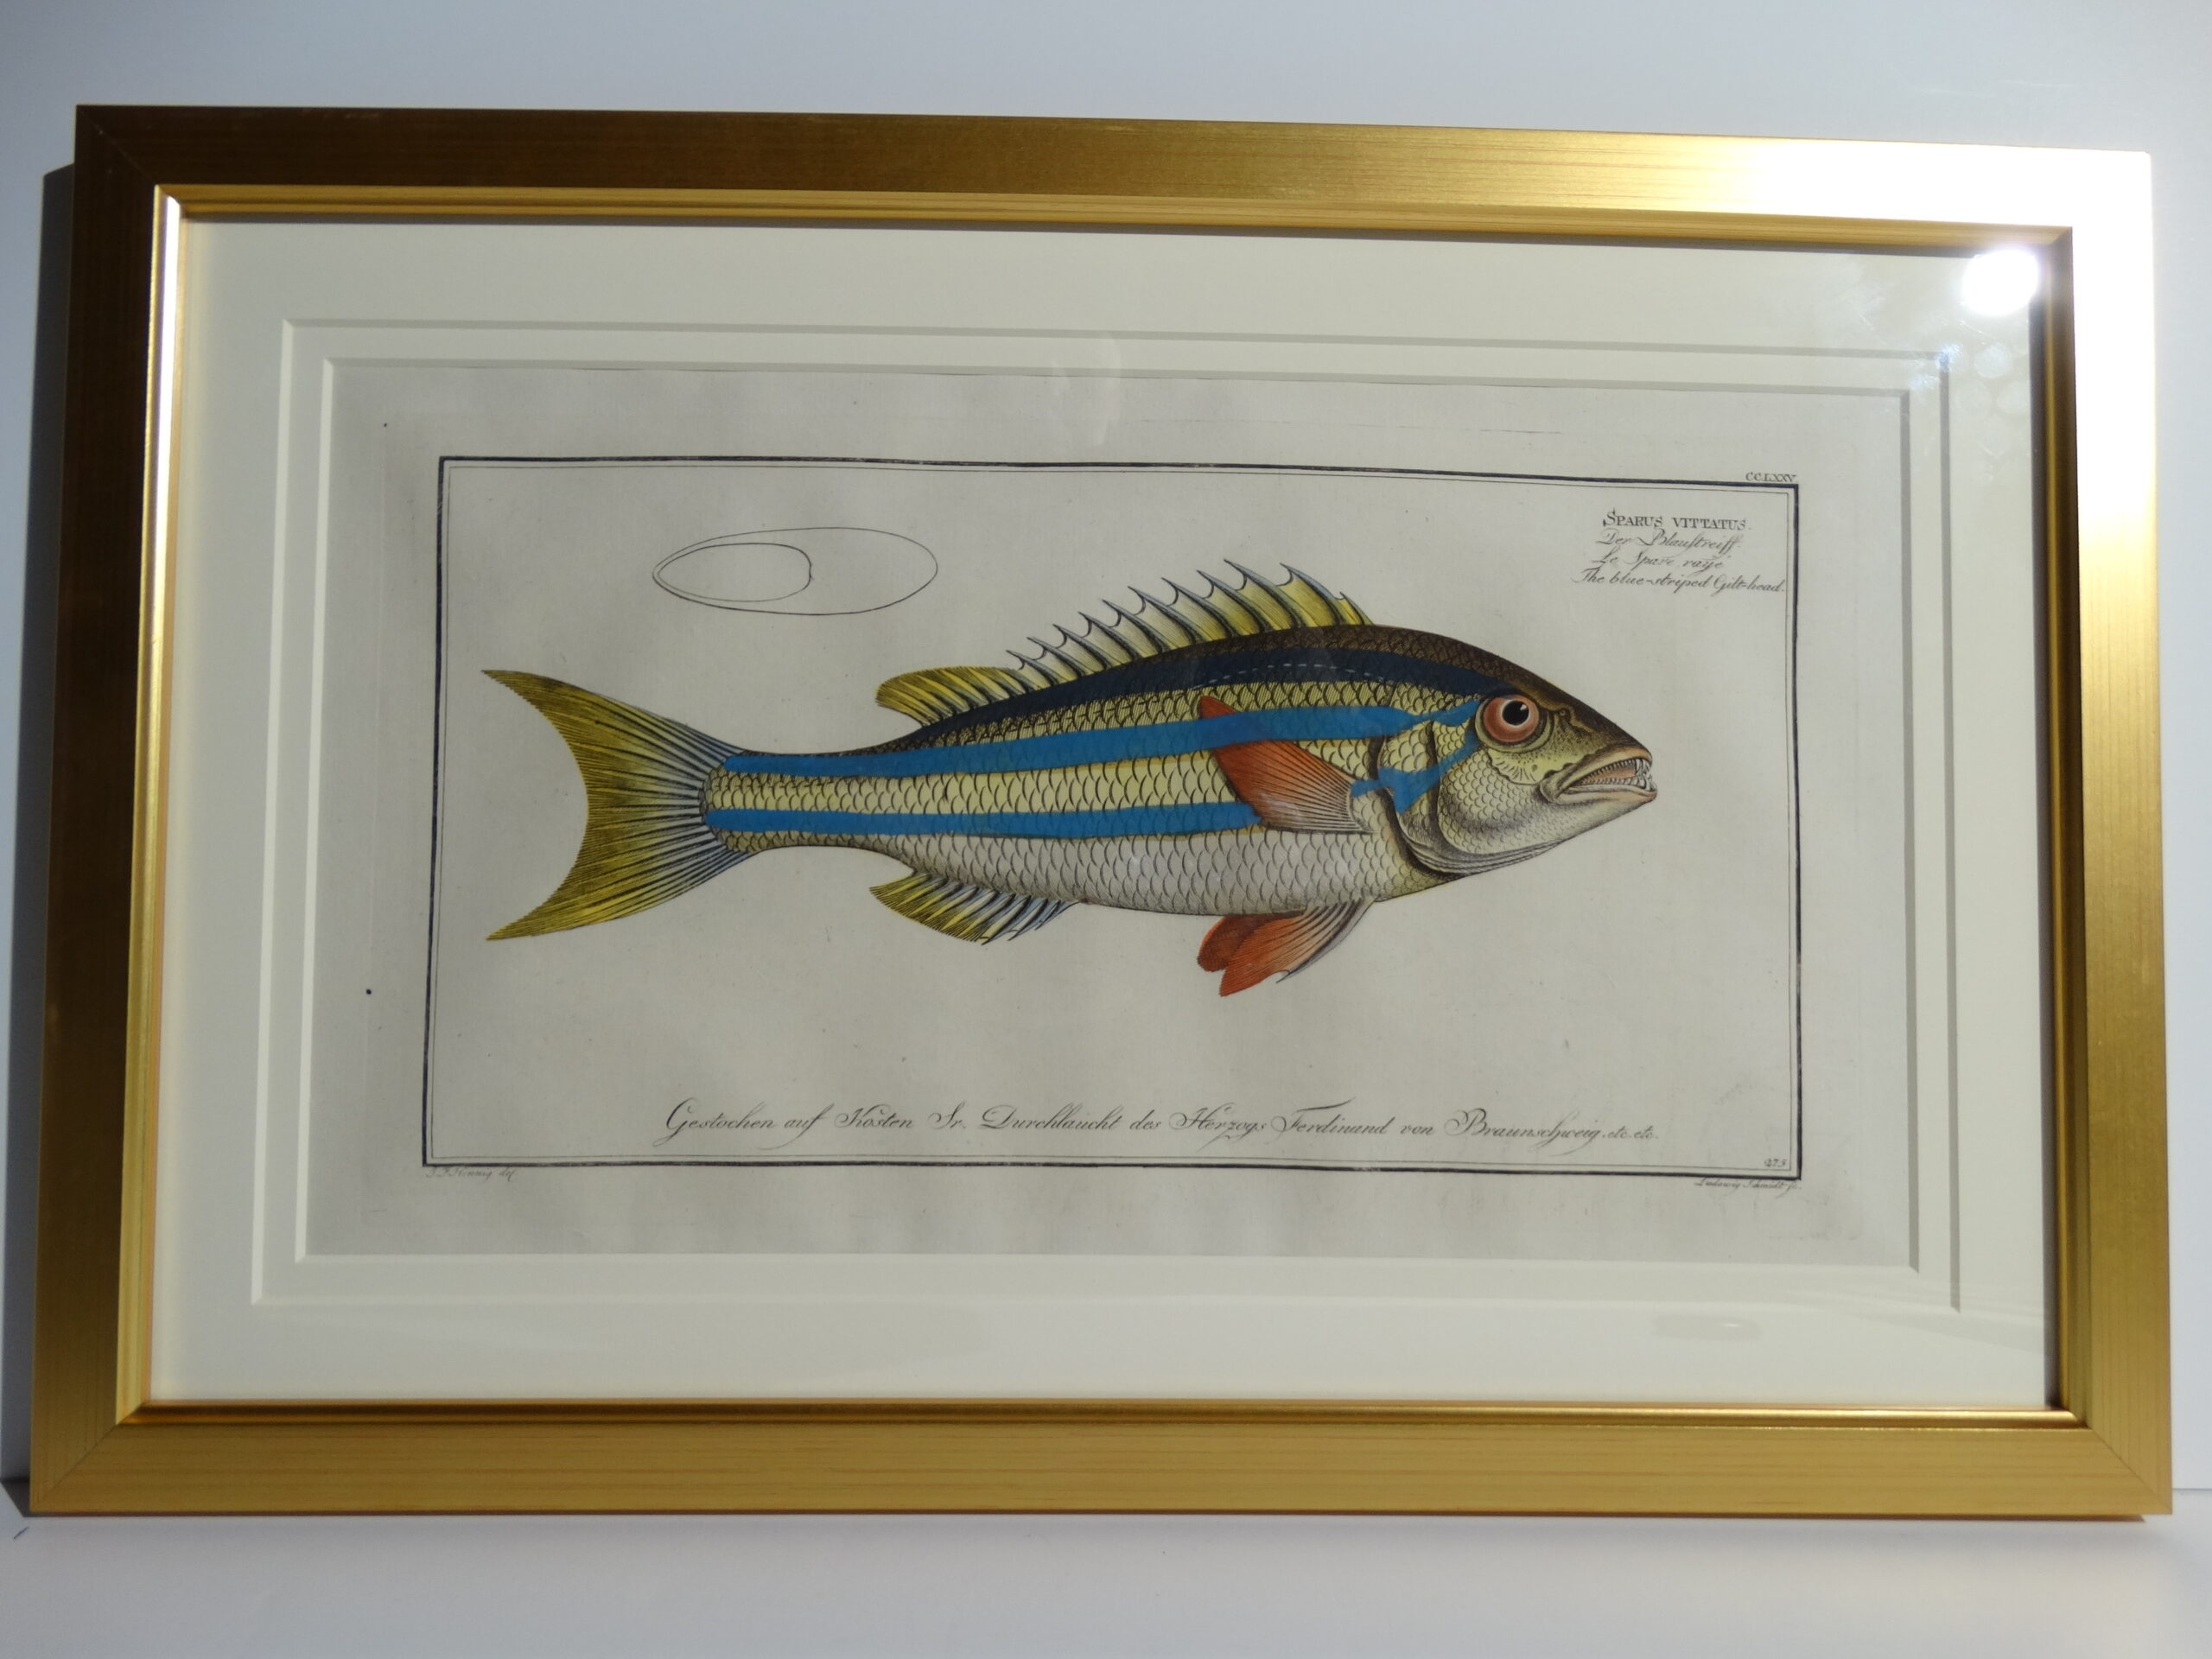 Bloch Fish Engraving Framed8